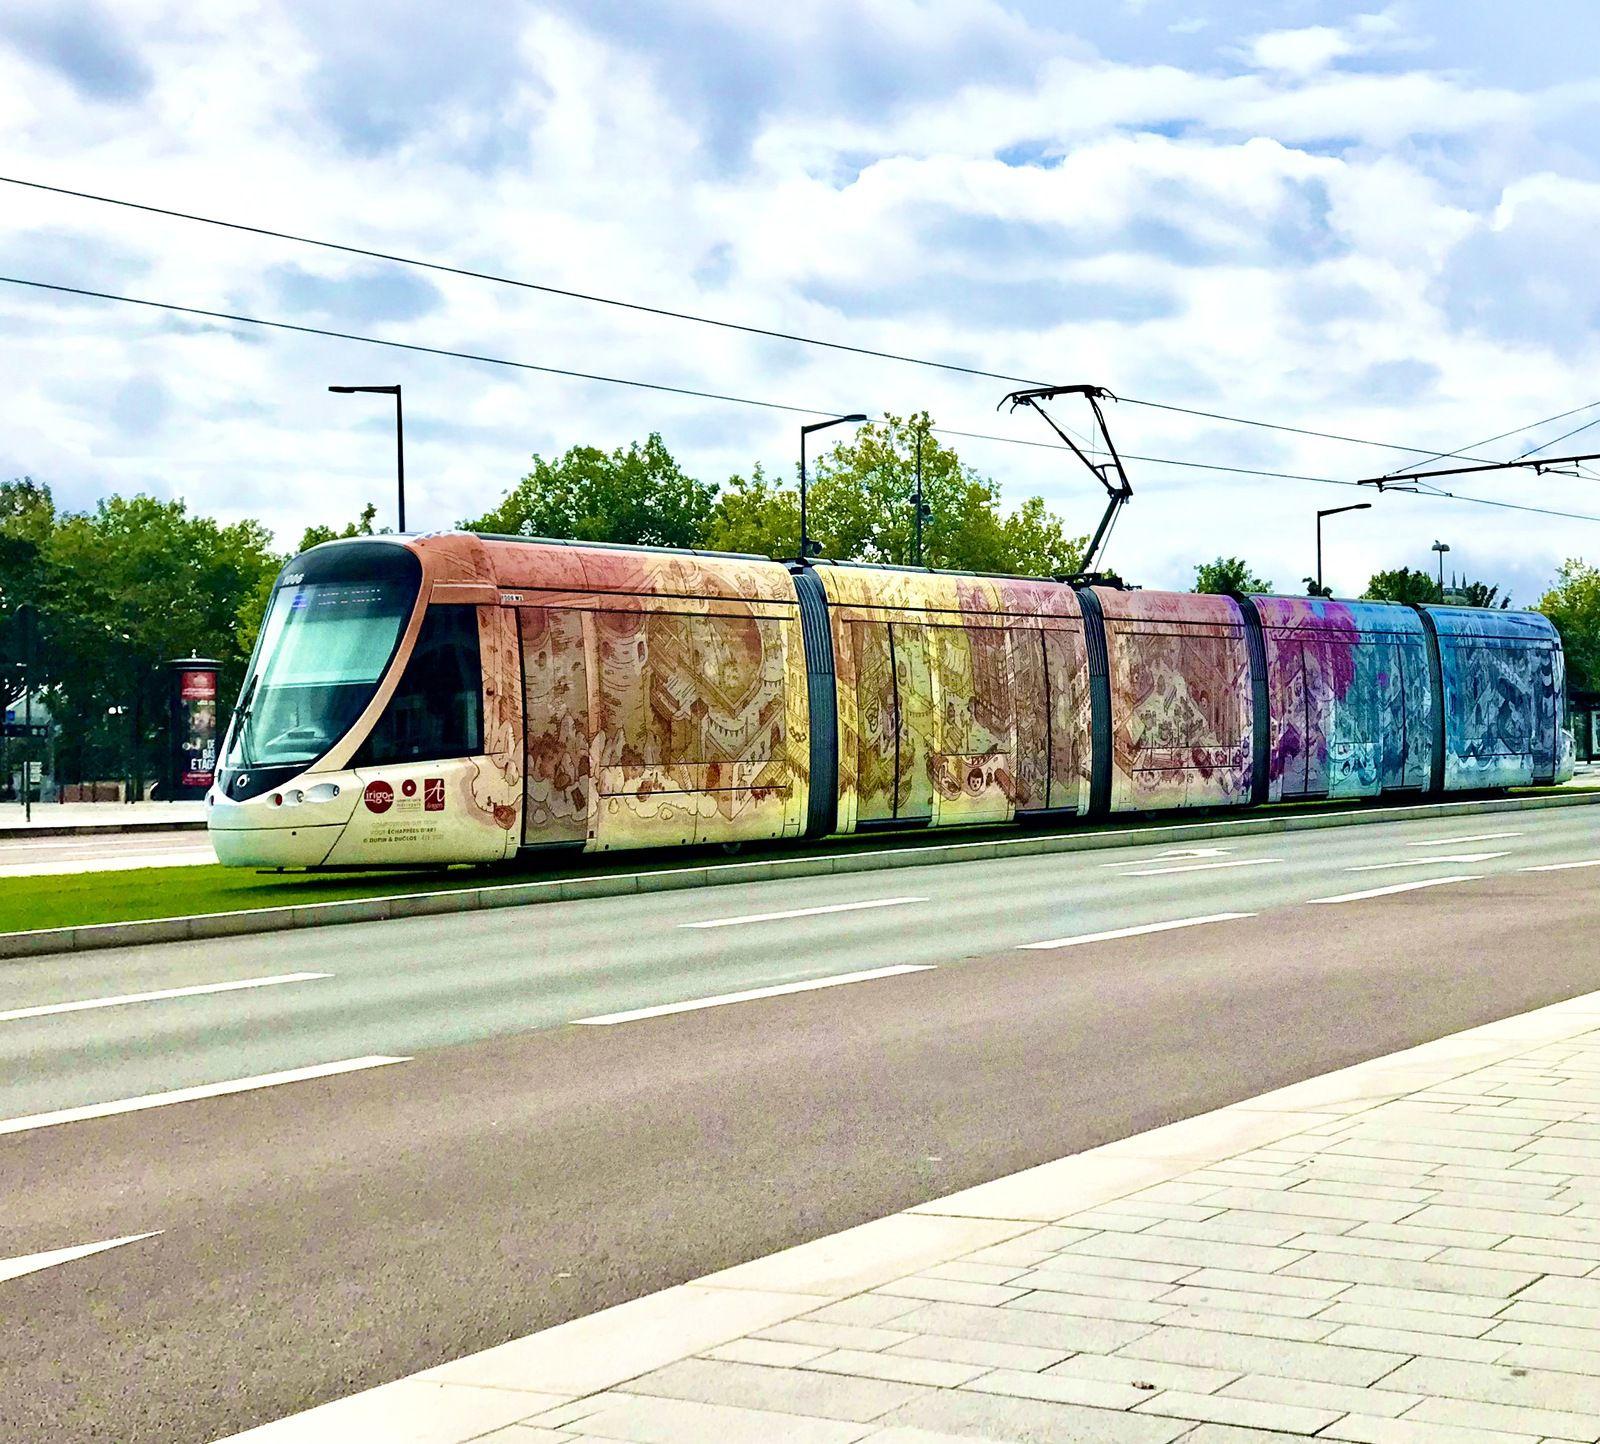 Le tramway d'Angers en version échappée d'art